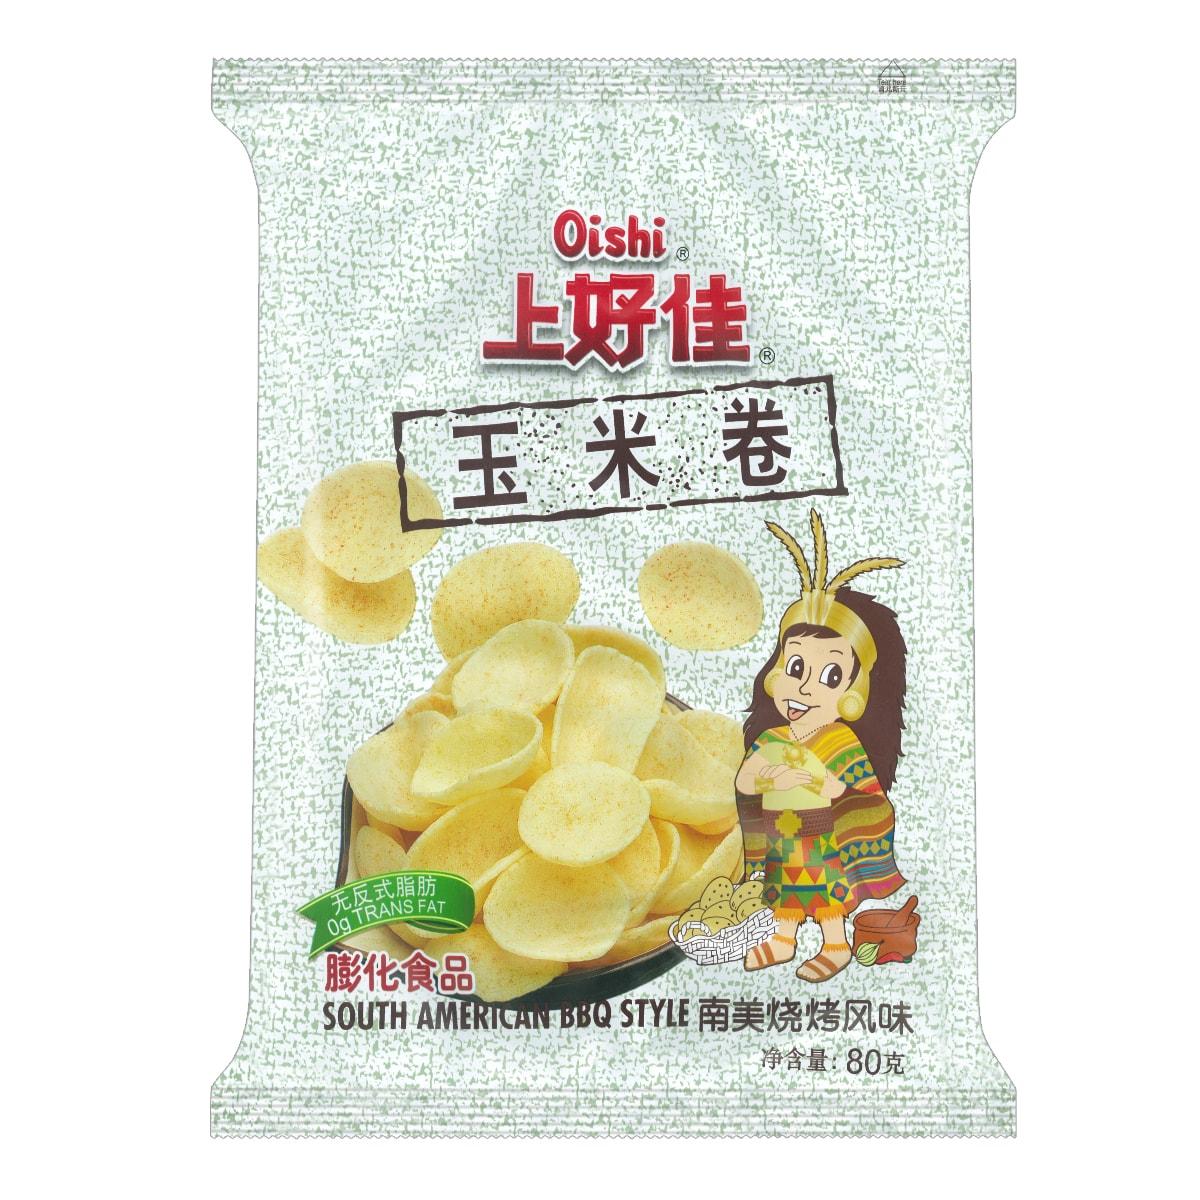 OISHI上好佳 玉米卷 南美烧烤风味 80g